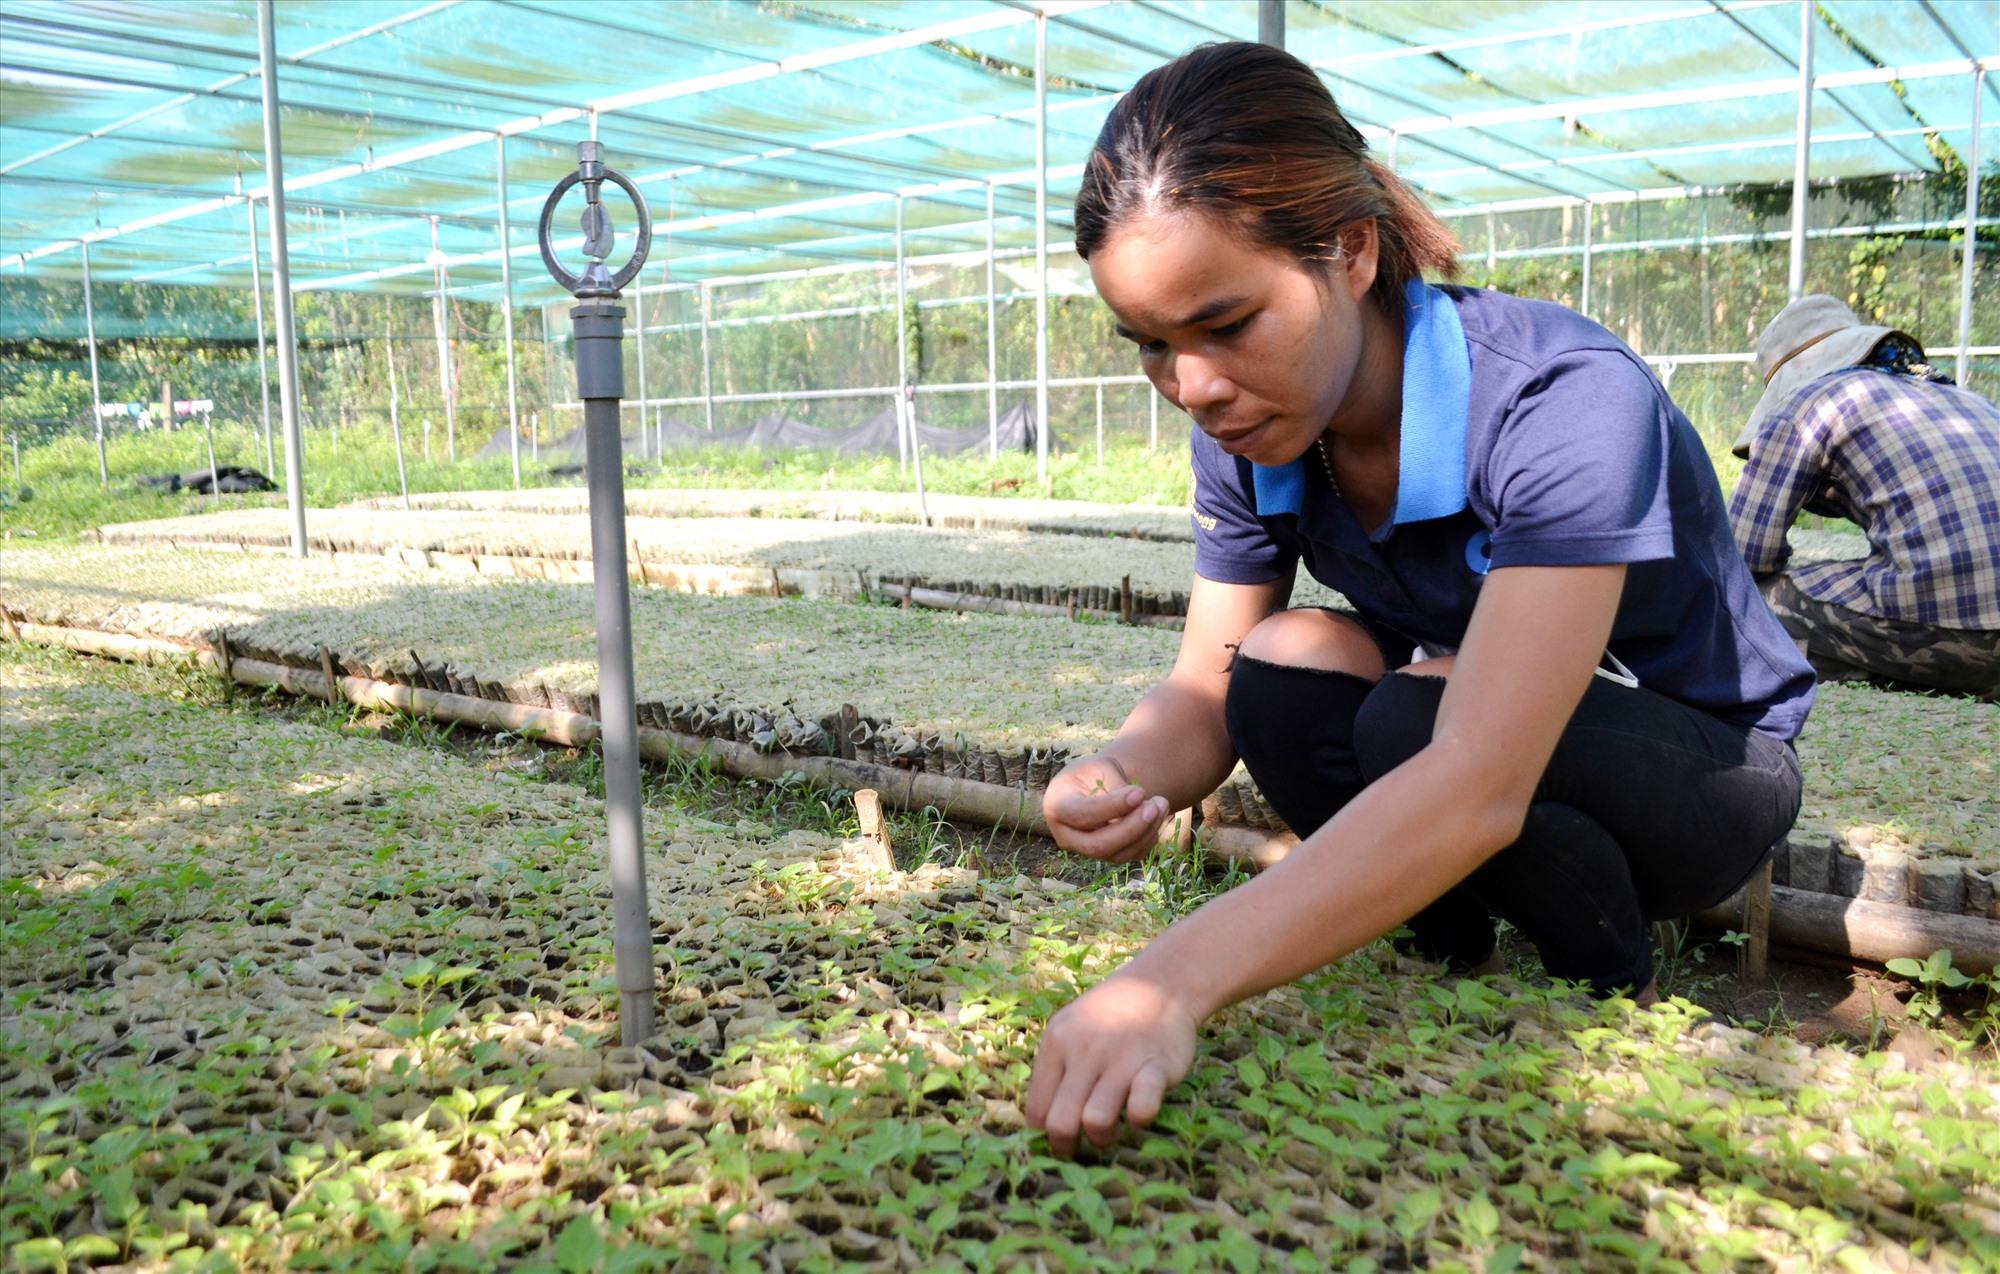 HTX Nông lâm nghiệp xã Mà Cooih ươm cấp giống ớt Ariêu cho người dân trồng. Ảnh: C.T